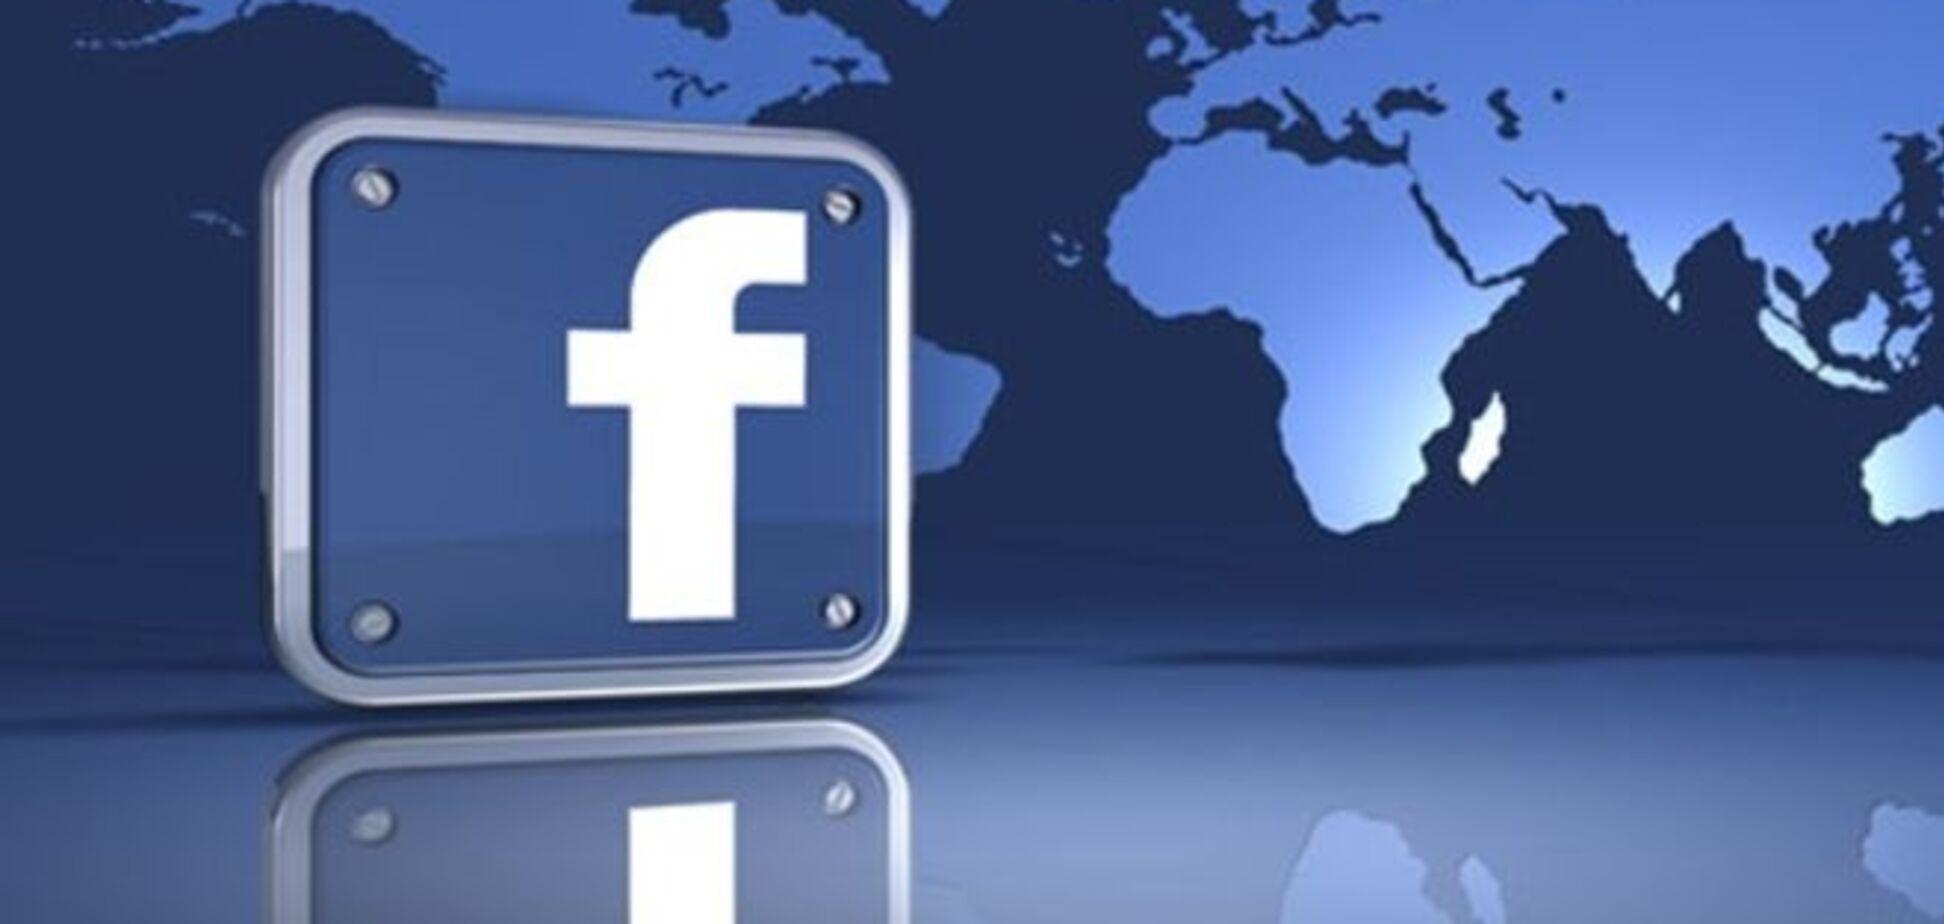 Блокировки в Фейсбуке. Борьба продолжается